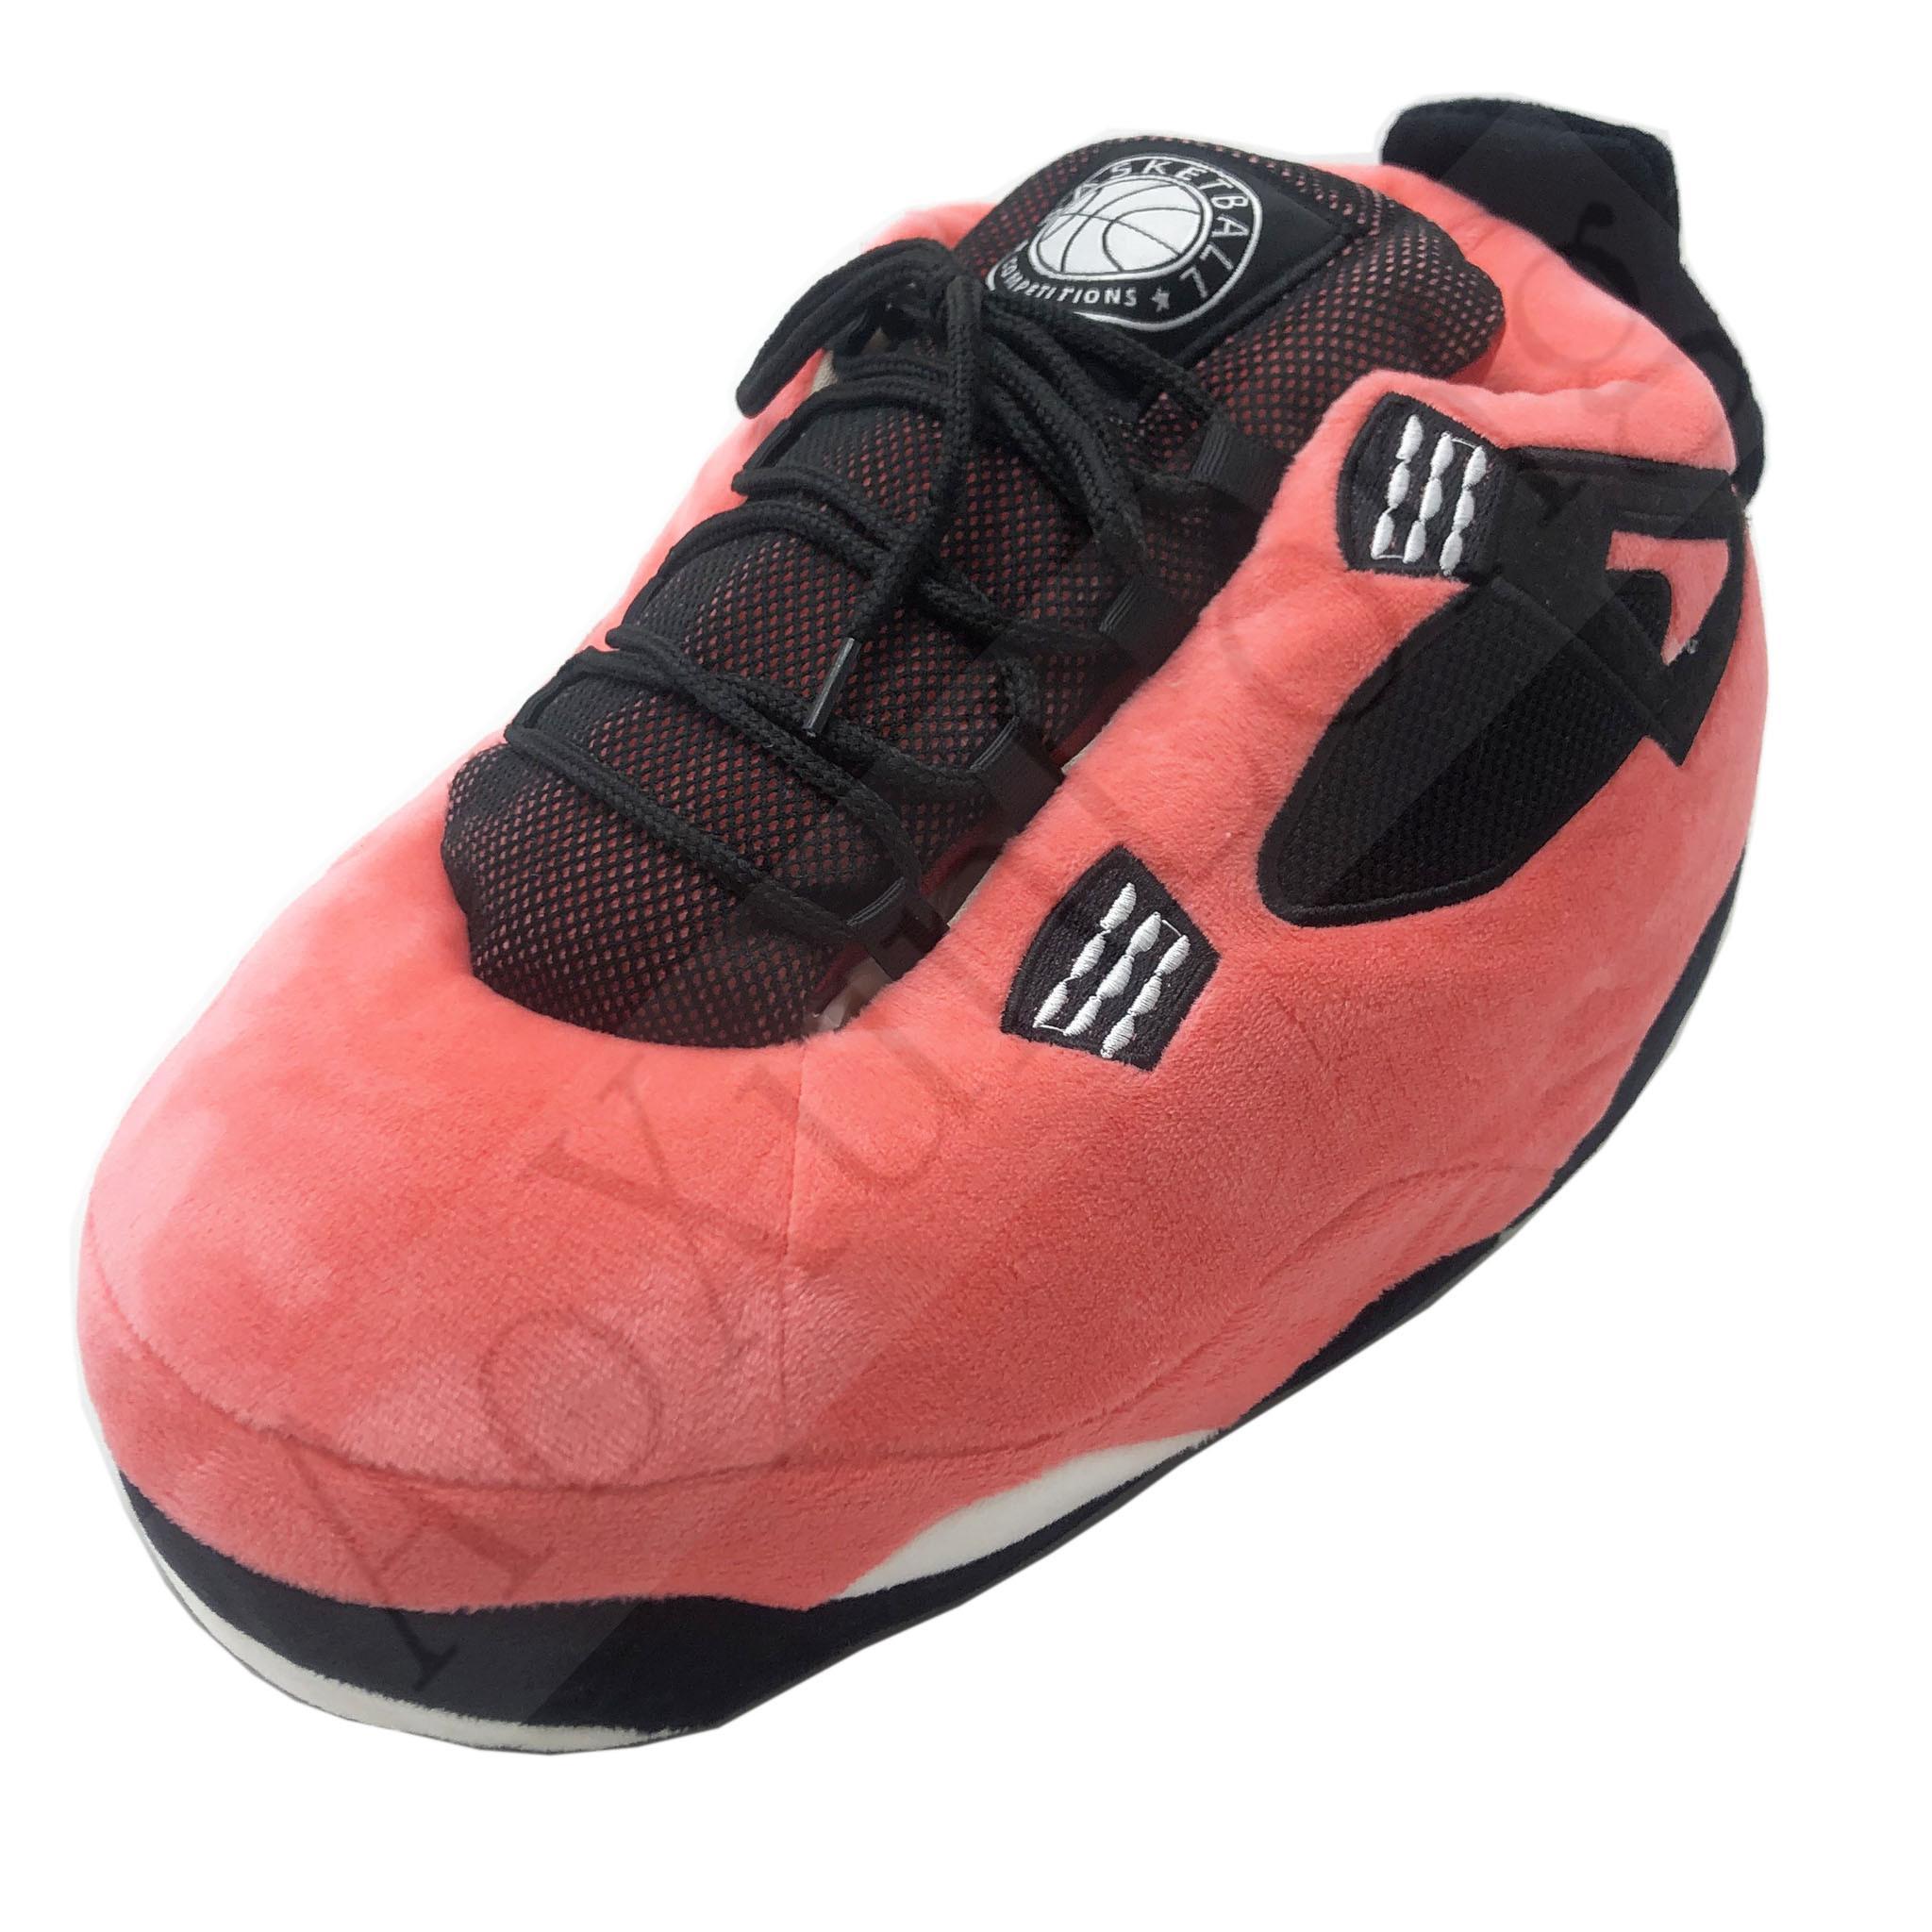 Bir Boyut 35-43 Kış Pamuk Ayakkabı Kadın / Erkekler Ekmek Yağ Terlik Sevimli Karikatür Hayvan Sıcak Ev Peluş Ayakkabı Kadın Erkek Sneakers Y200706